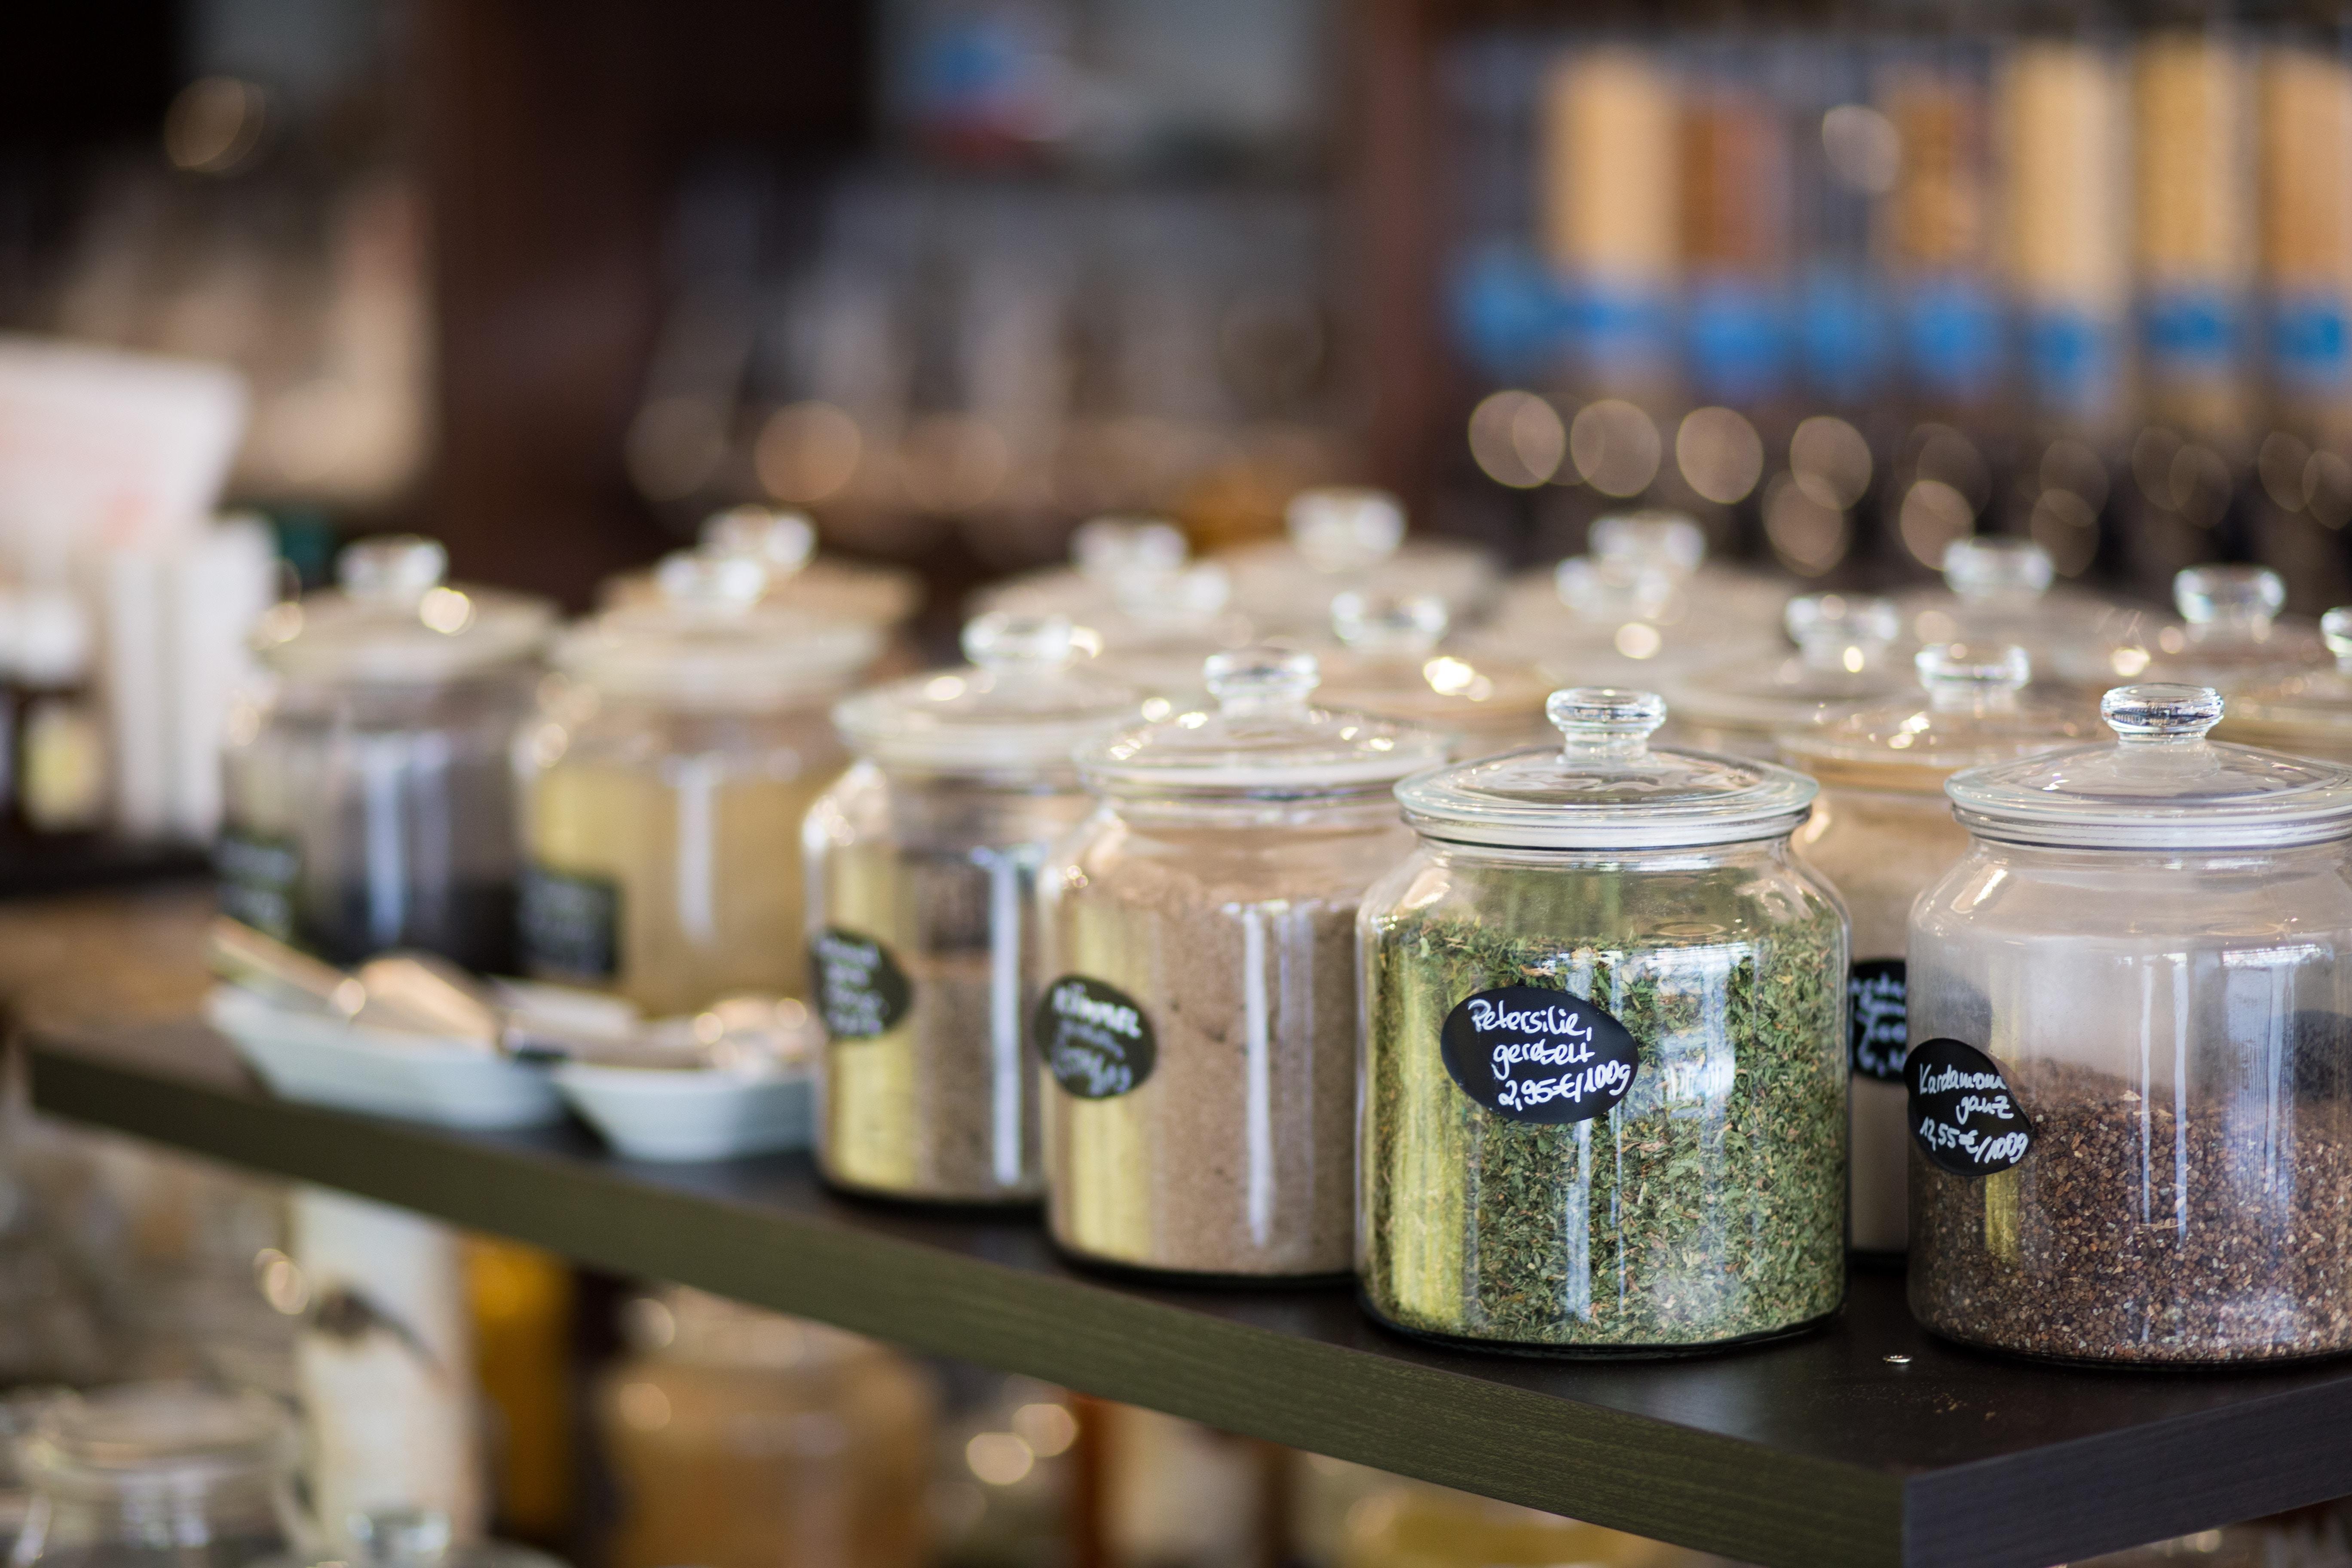 Zero waste jars